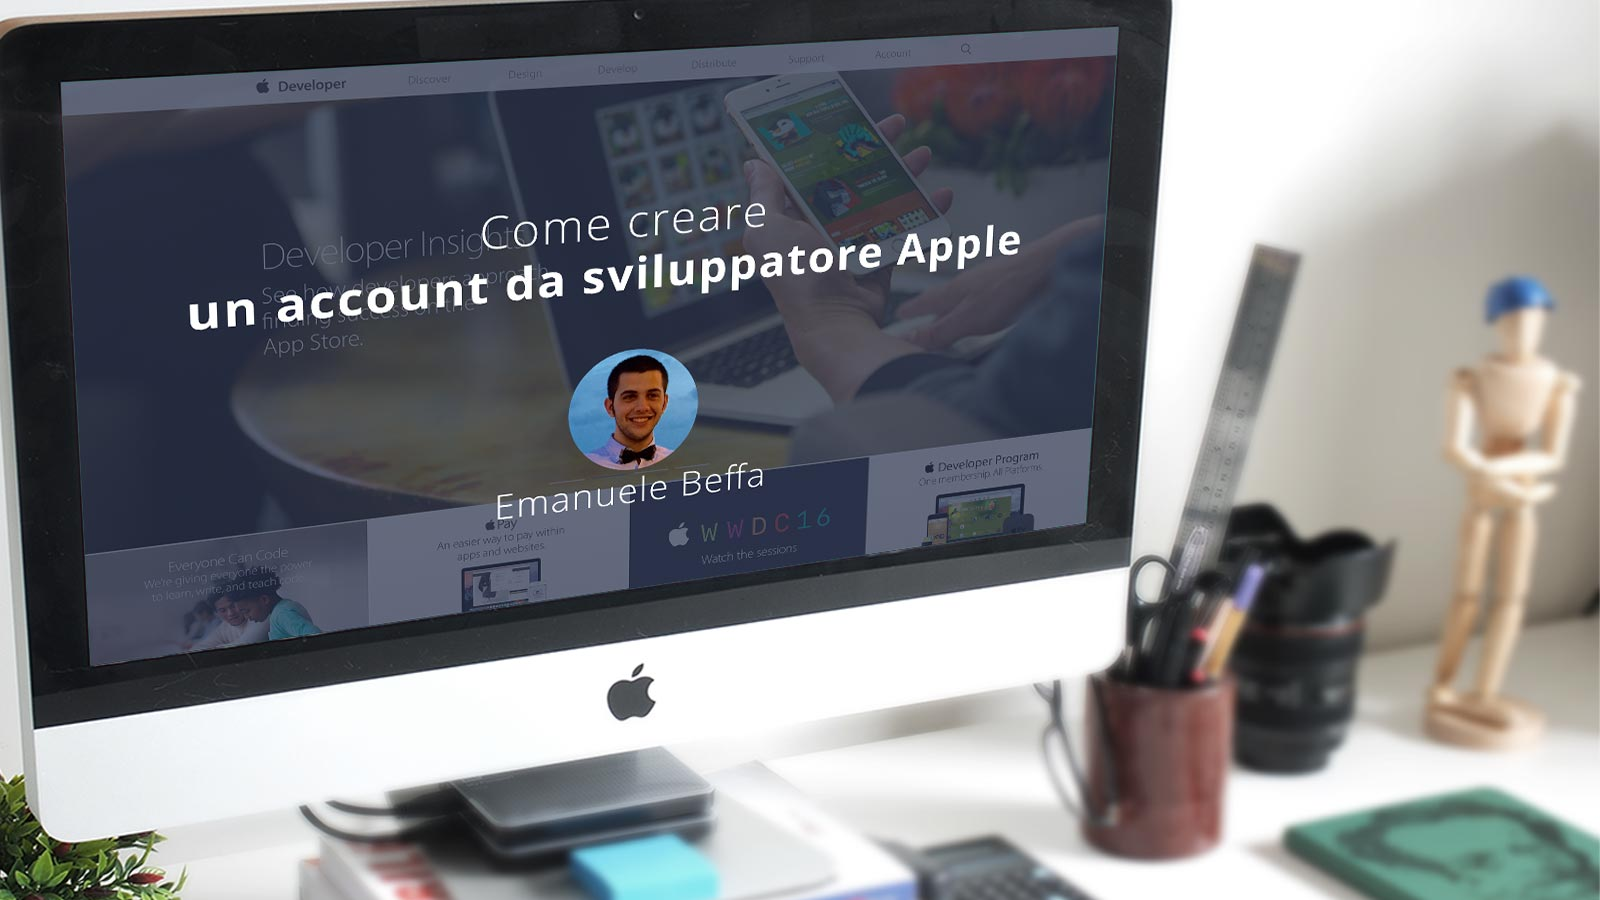 Come creare un account da sviluppatore Apple